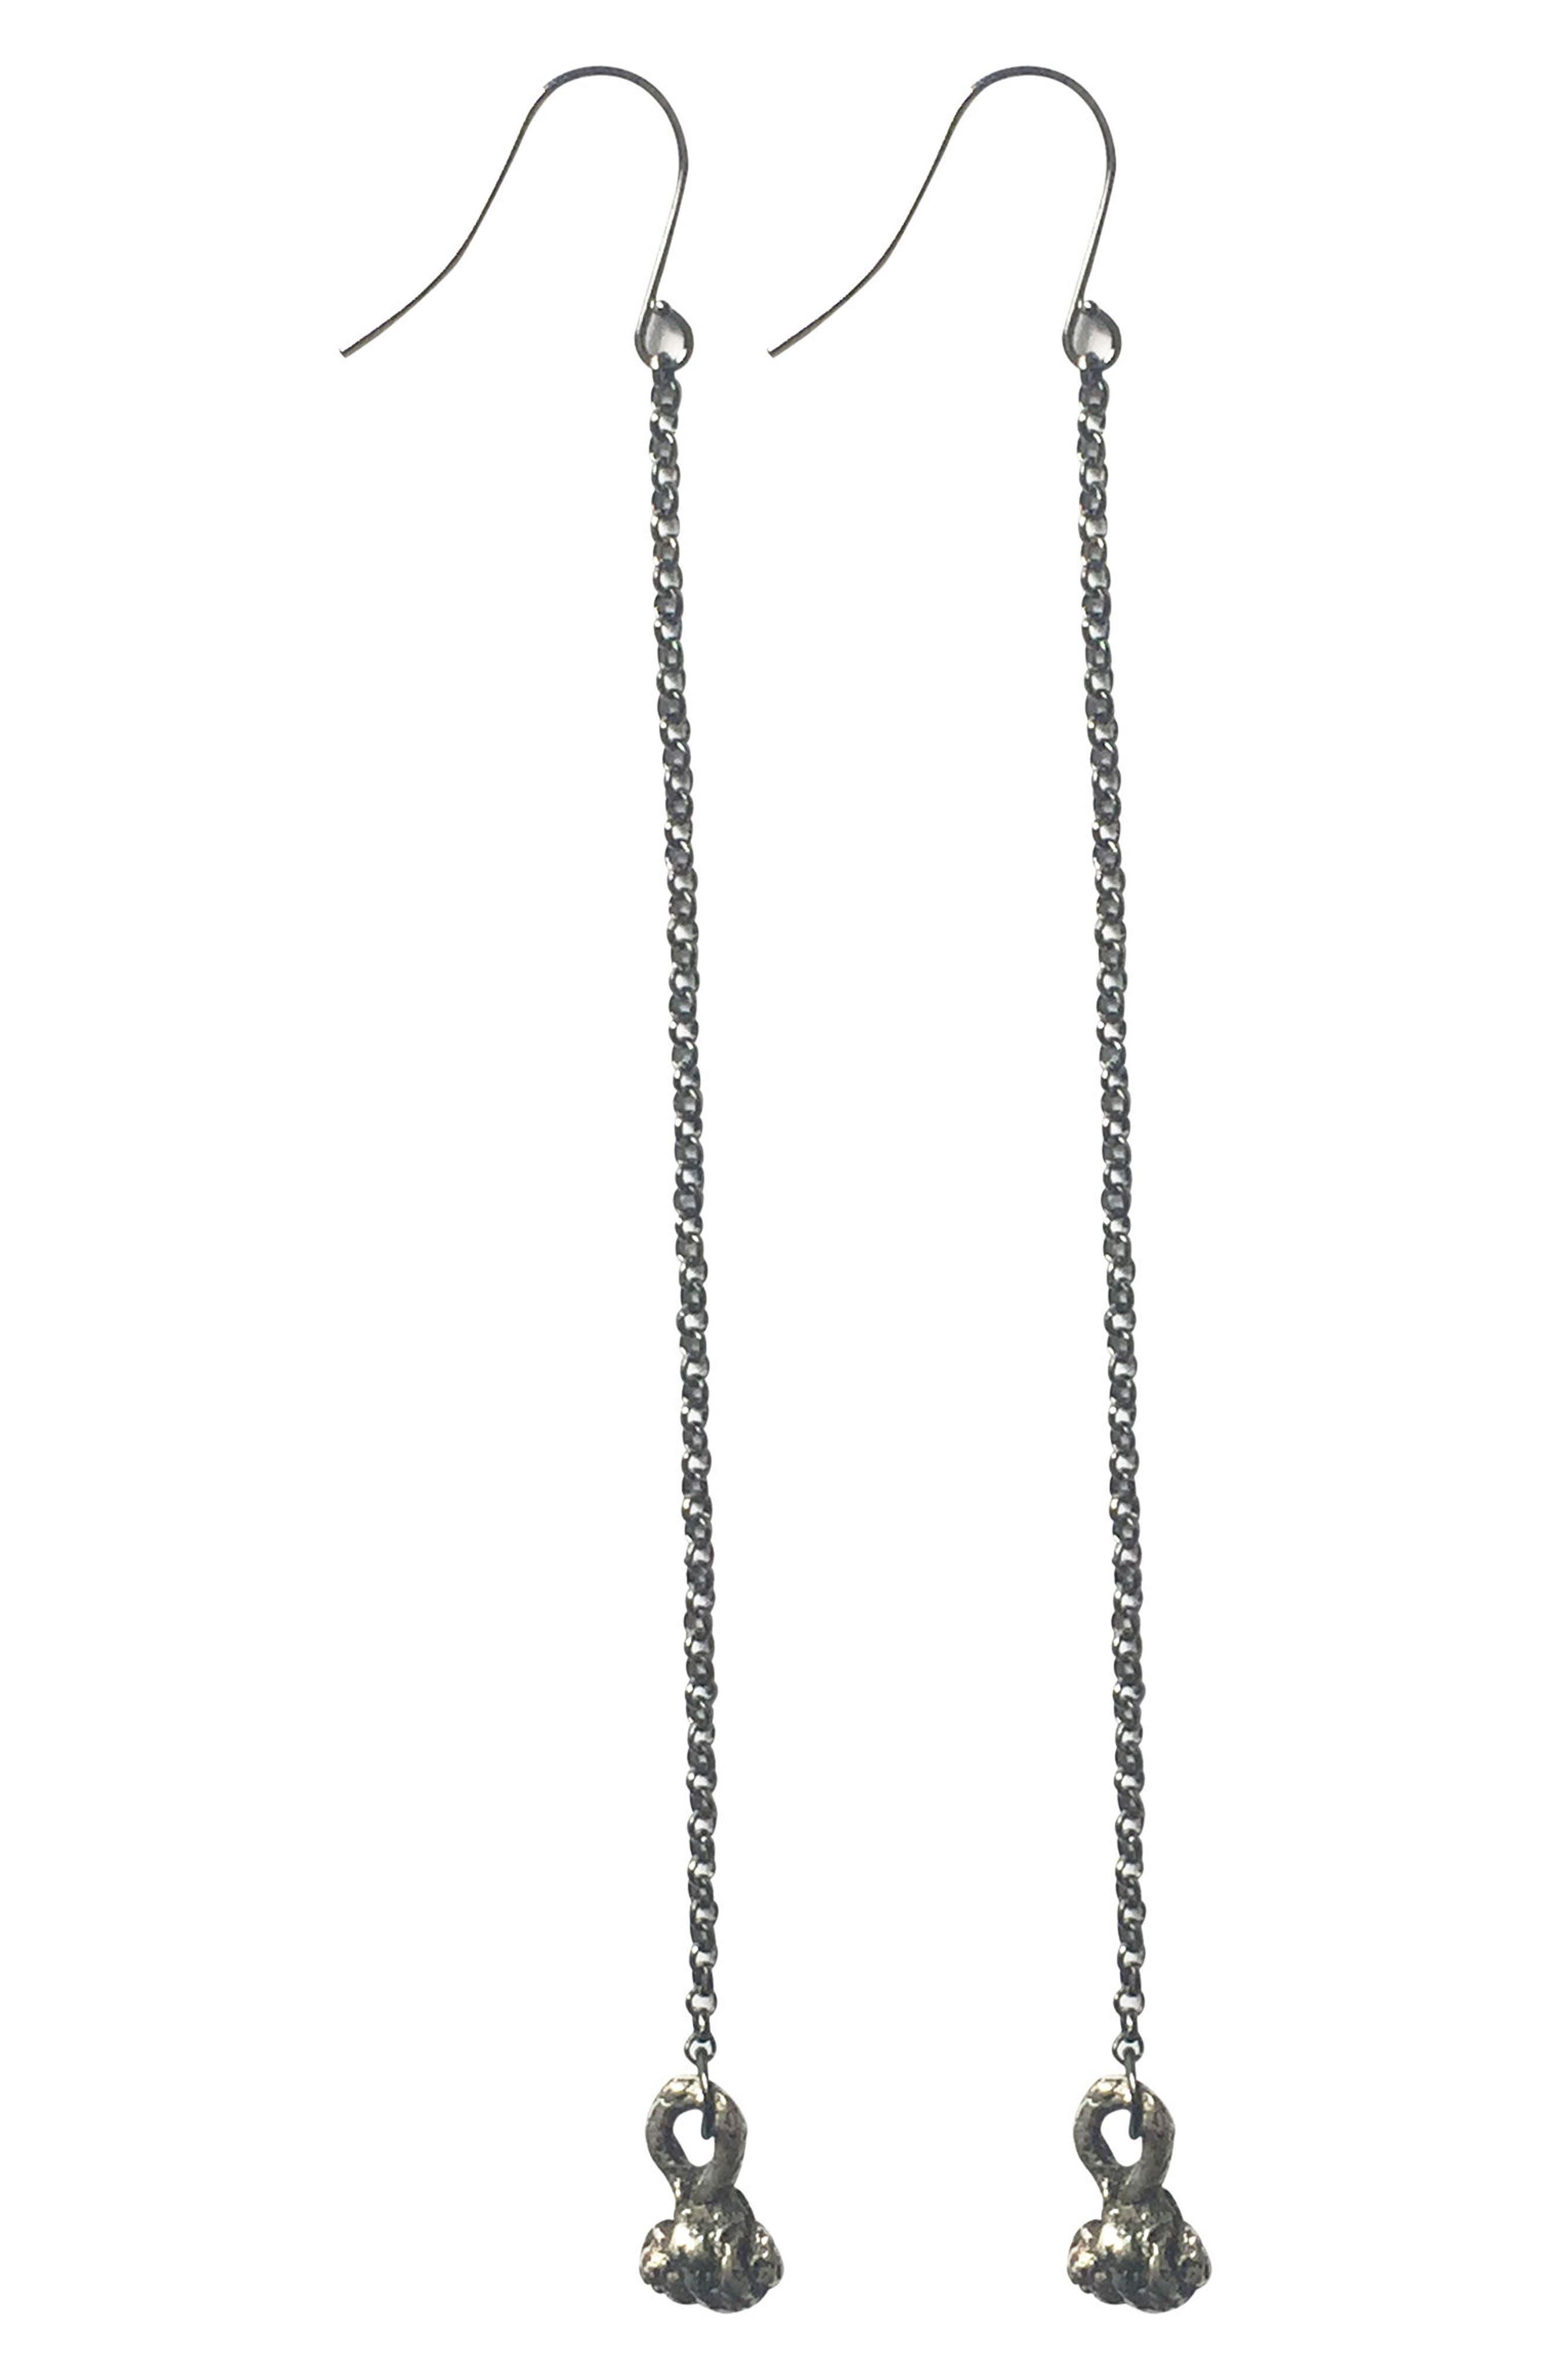 MHART Chain Drop Earrings